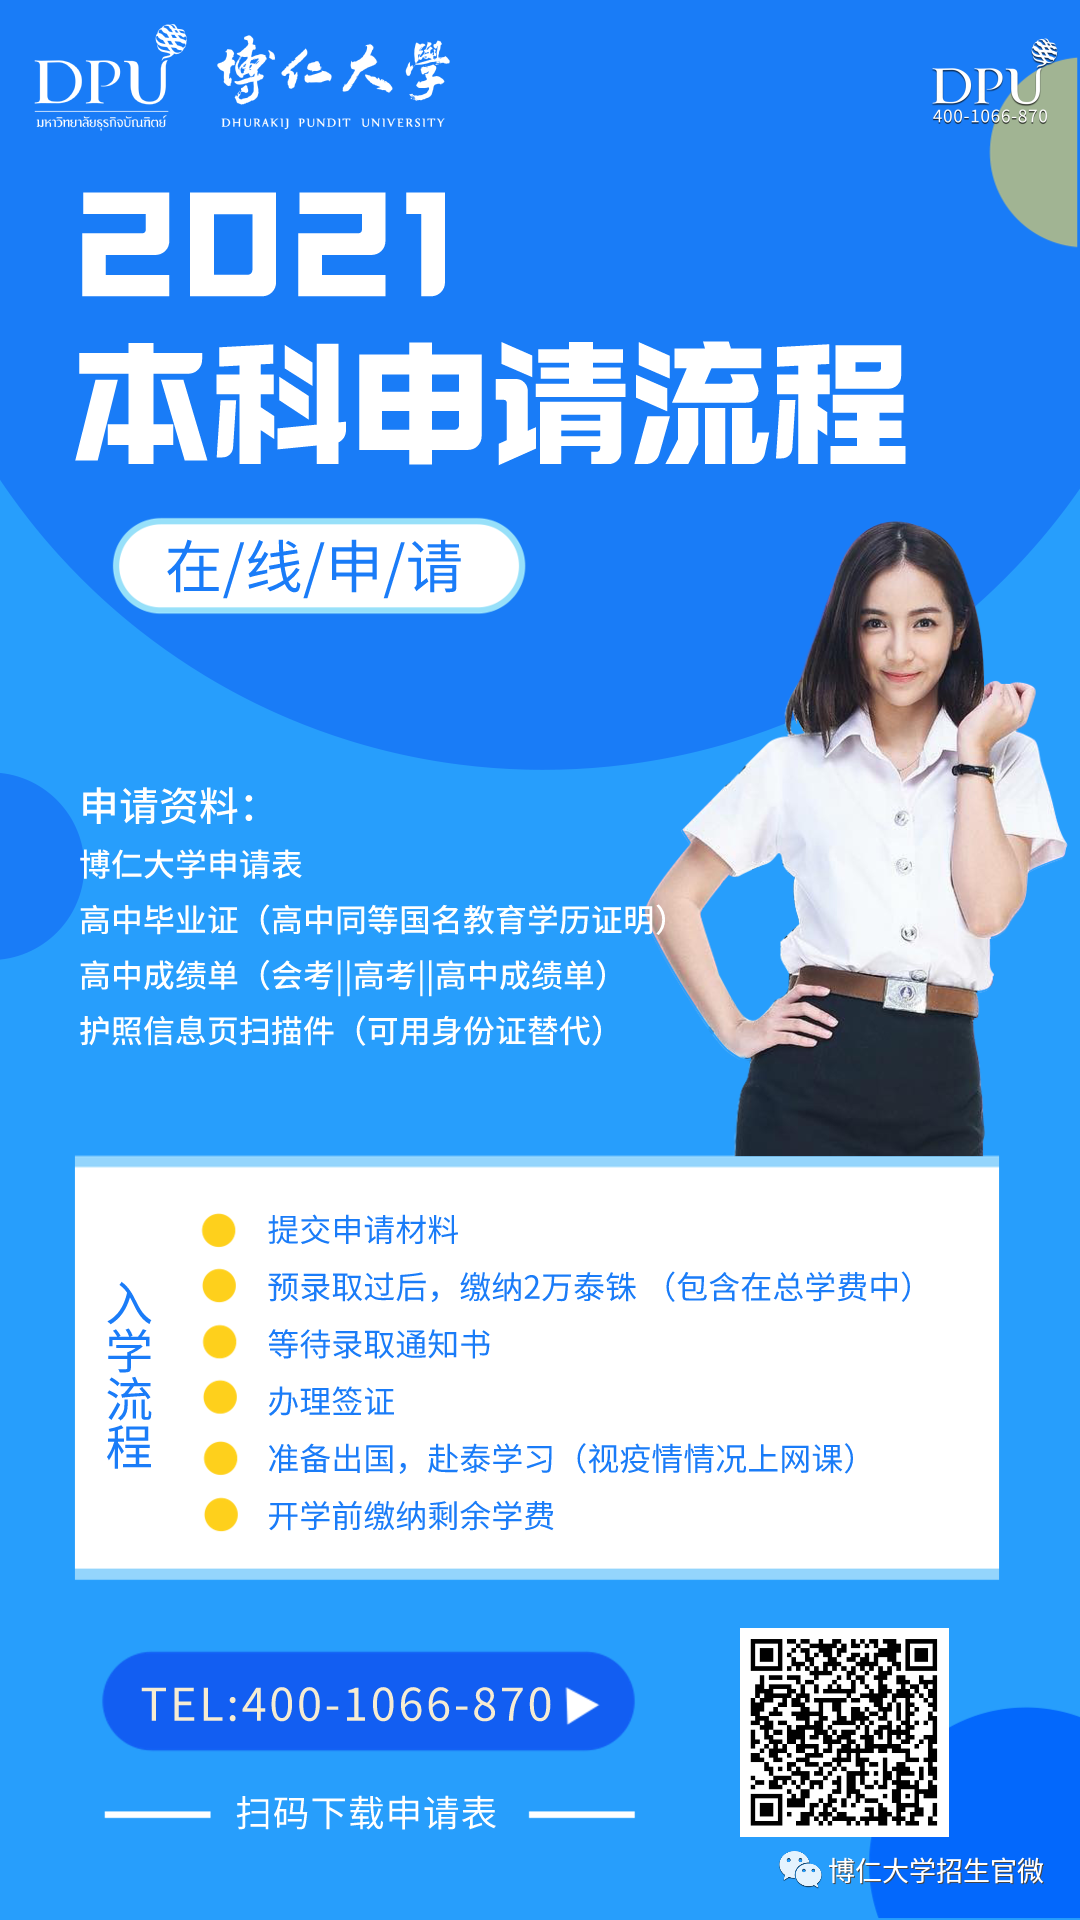 博仁大学申请流程